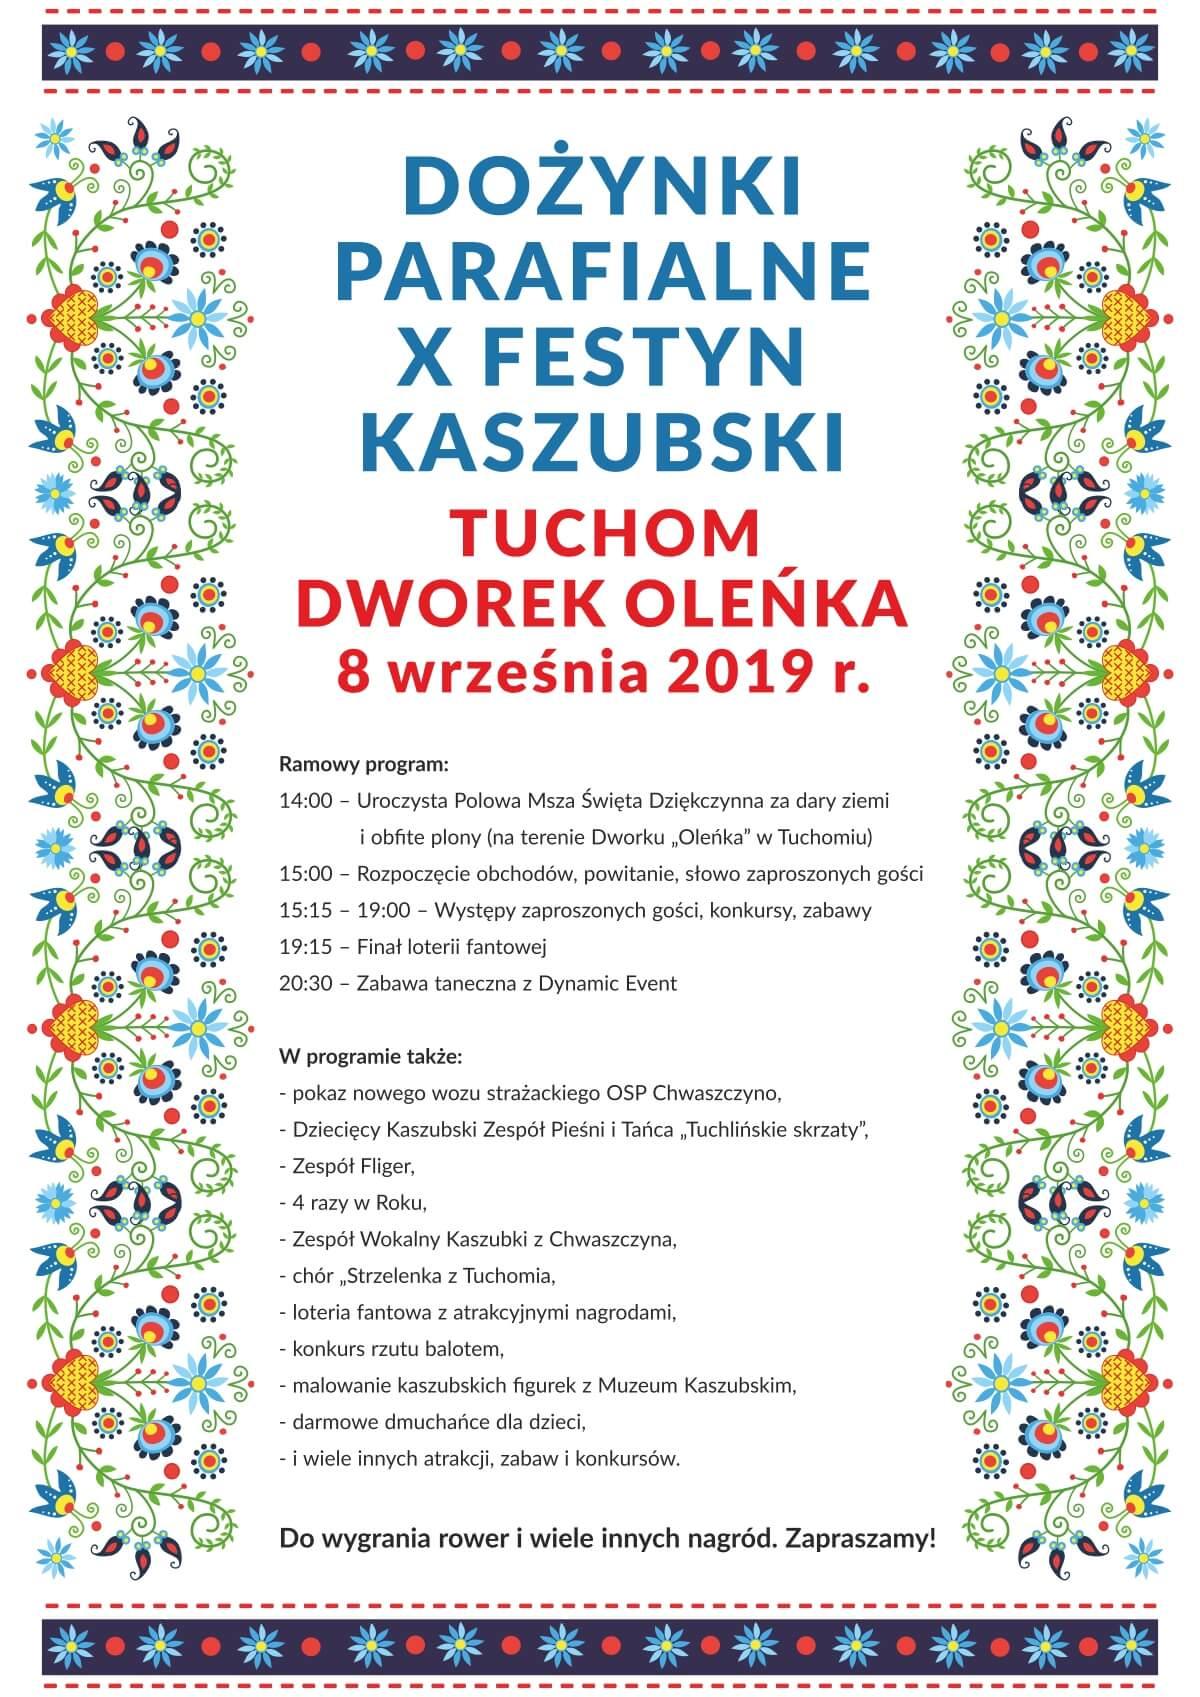 Plakat dozynki A3 2019